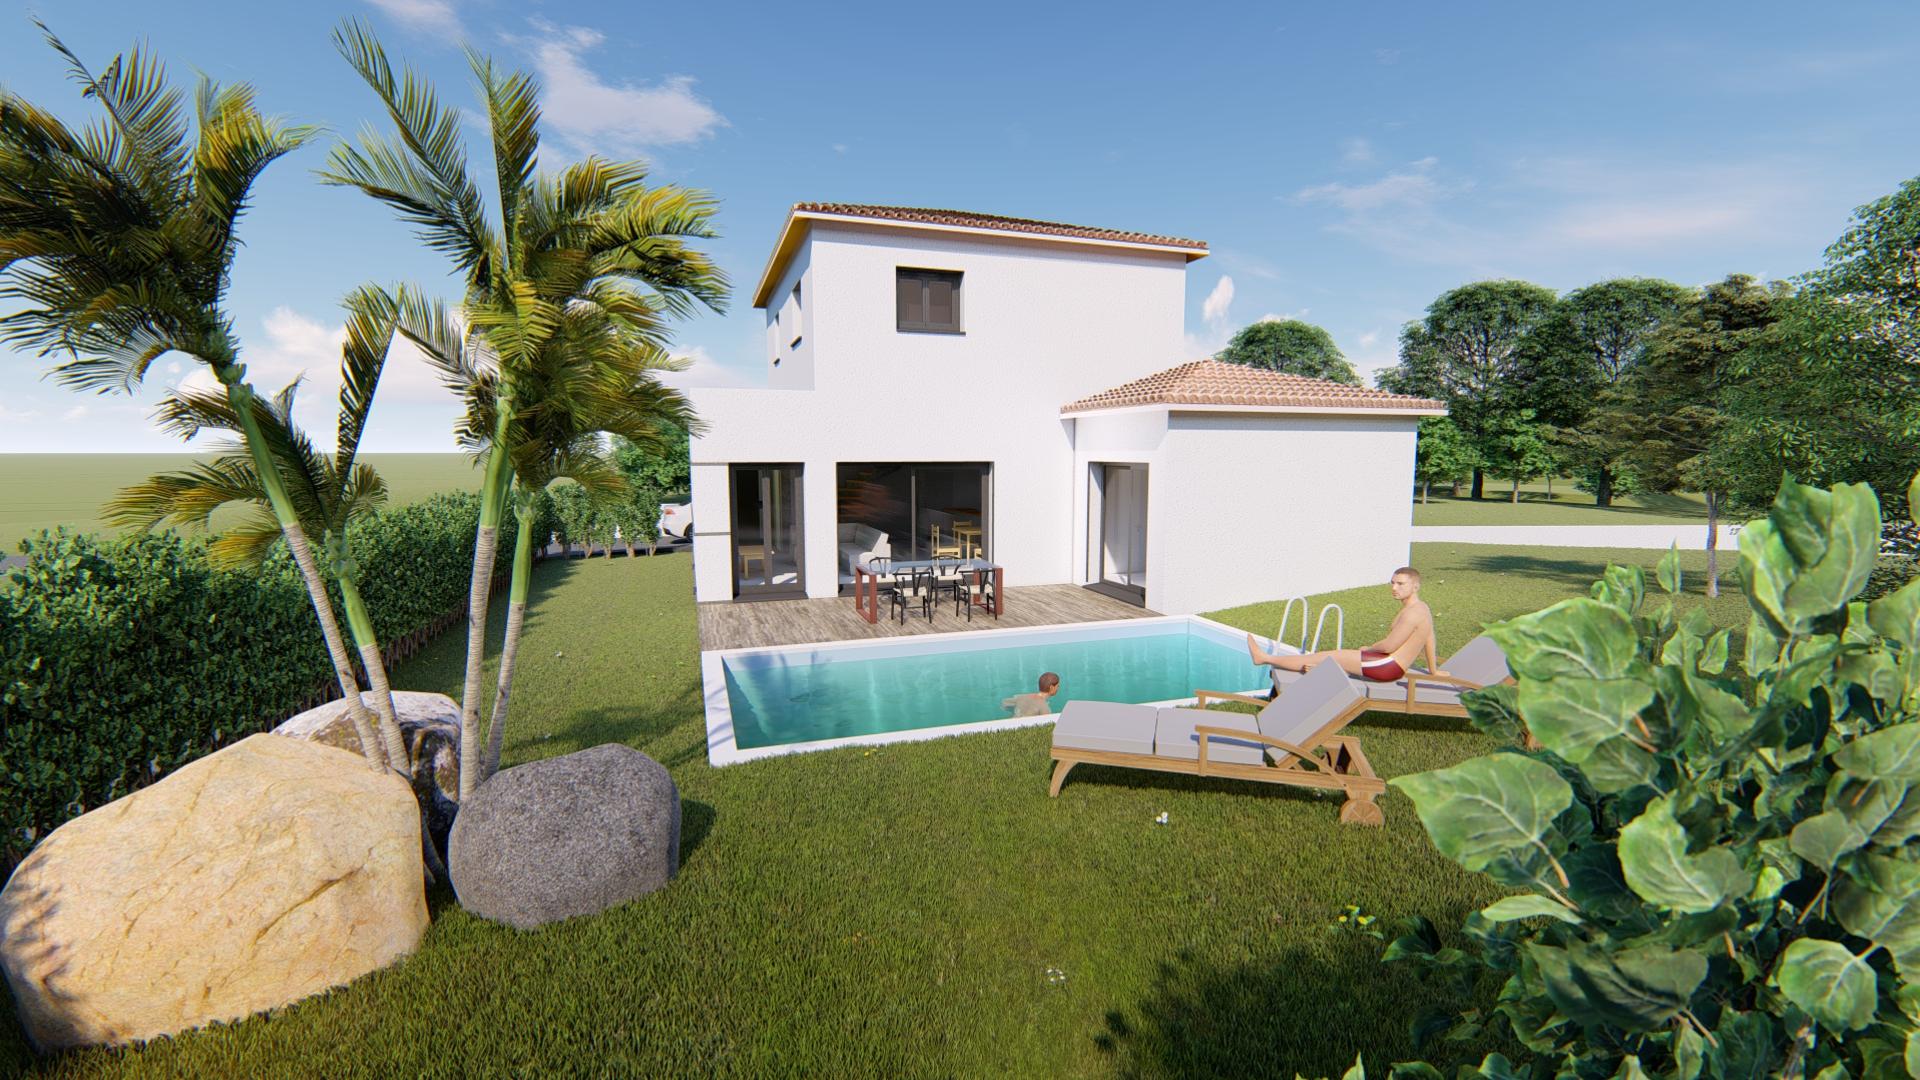 Maisons + Terrains du constructeur VILLAS SUD CREATION • 125 m² • CASTANET TOLOSAN